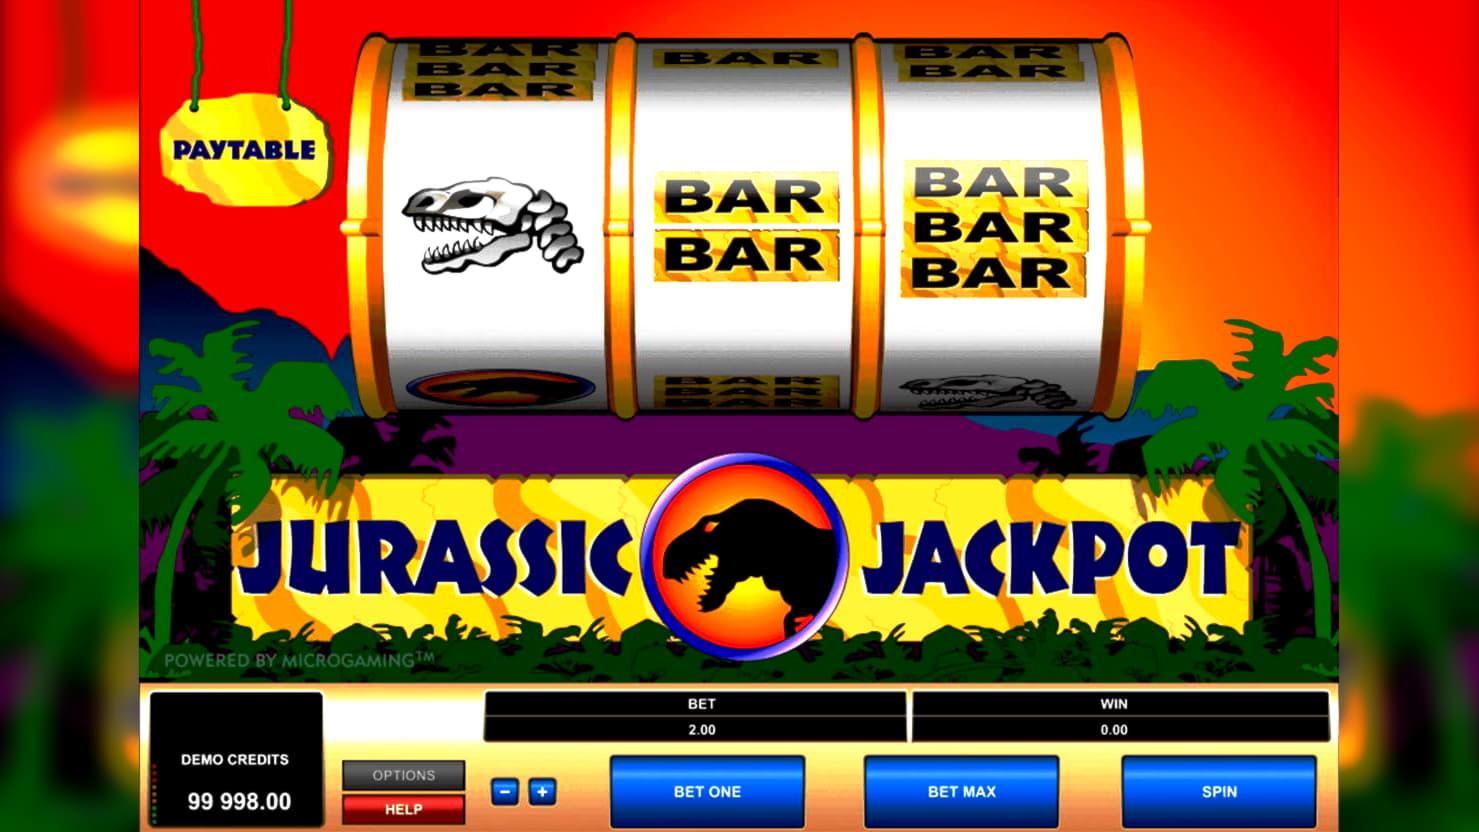 Jackpot vegas hits slot machine